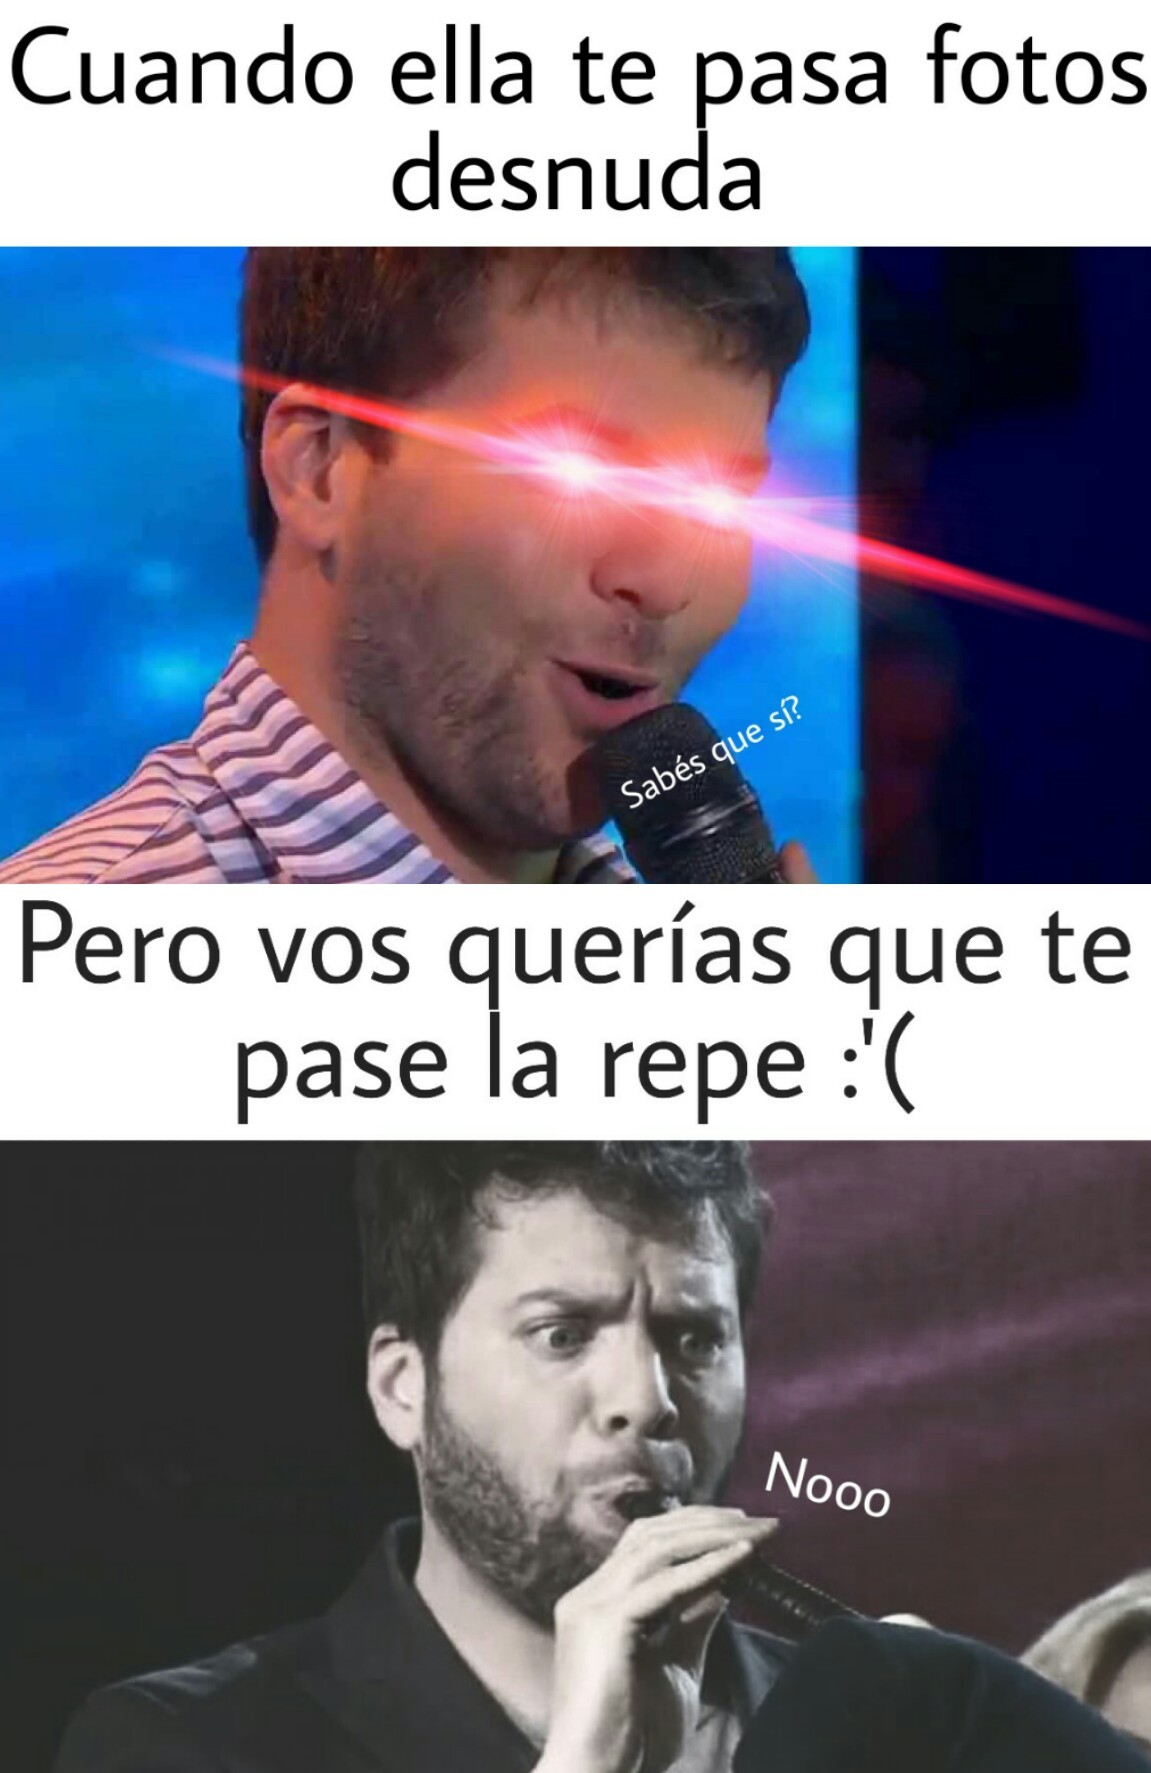 A VER A VER, PASAME LA REPE - meme